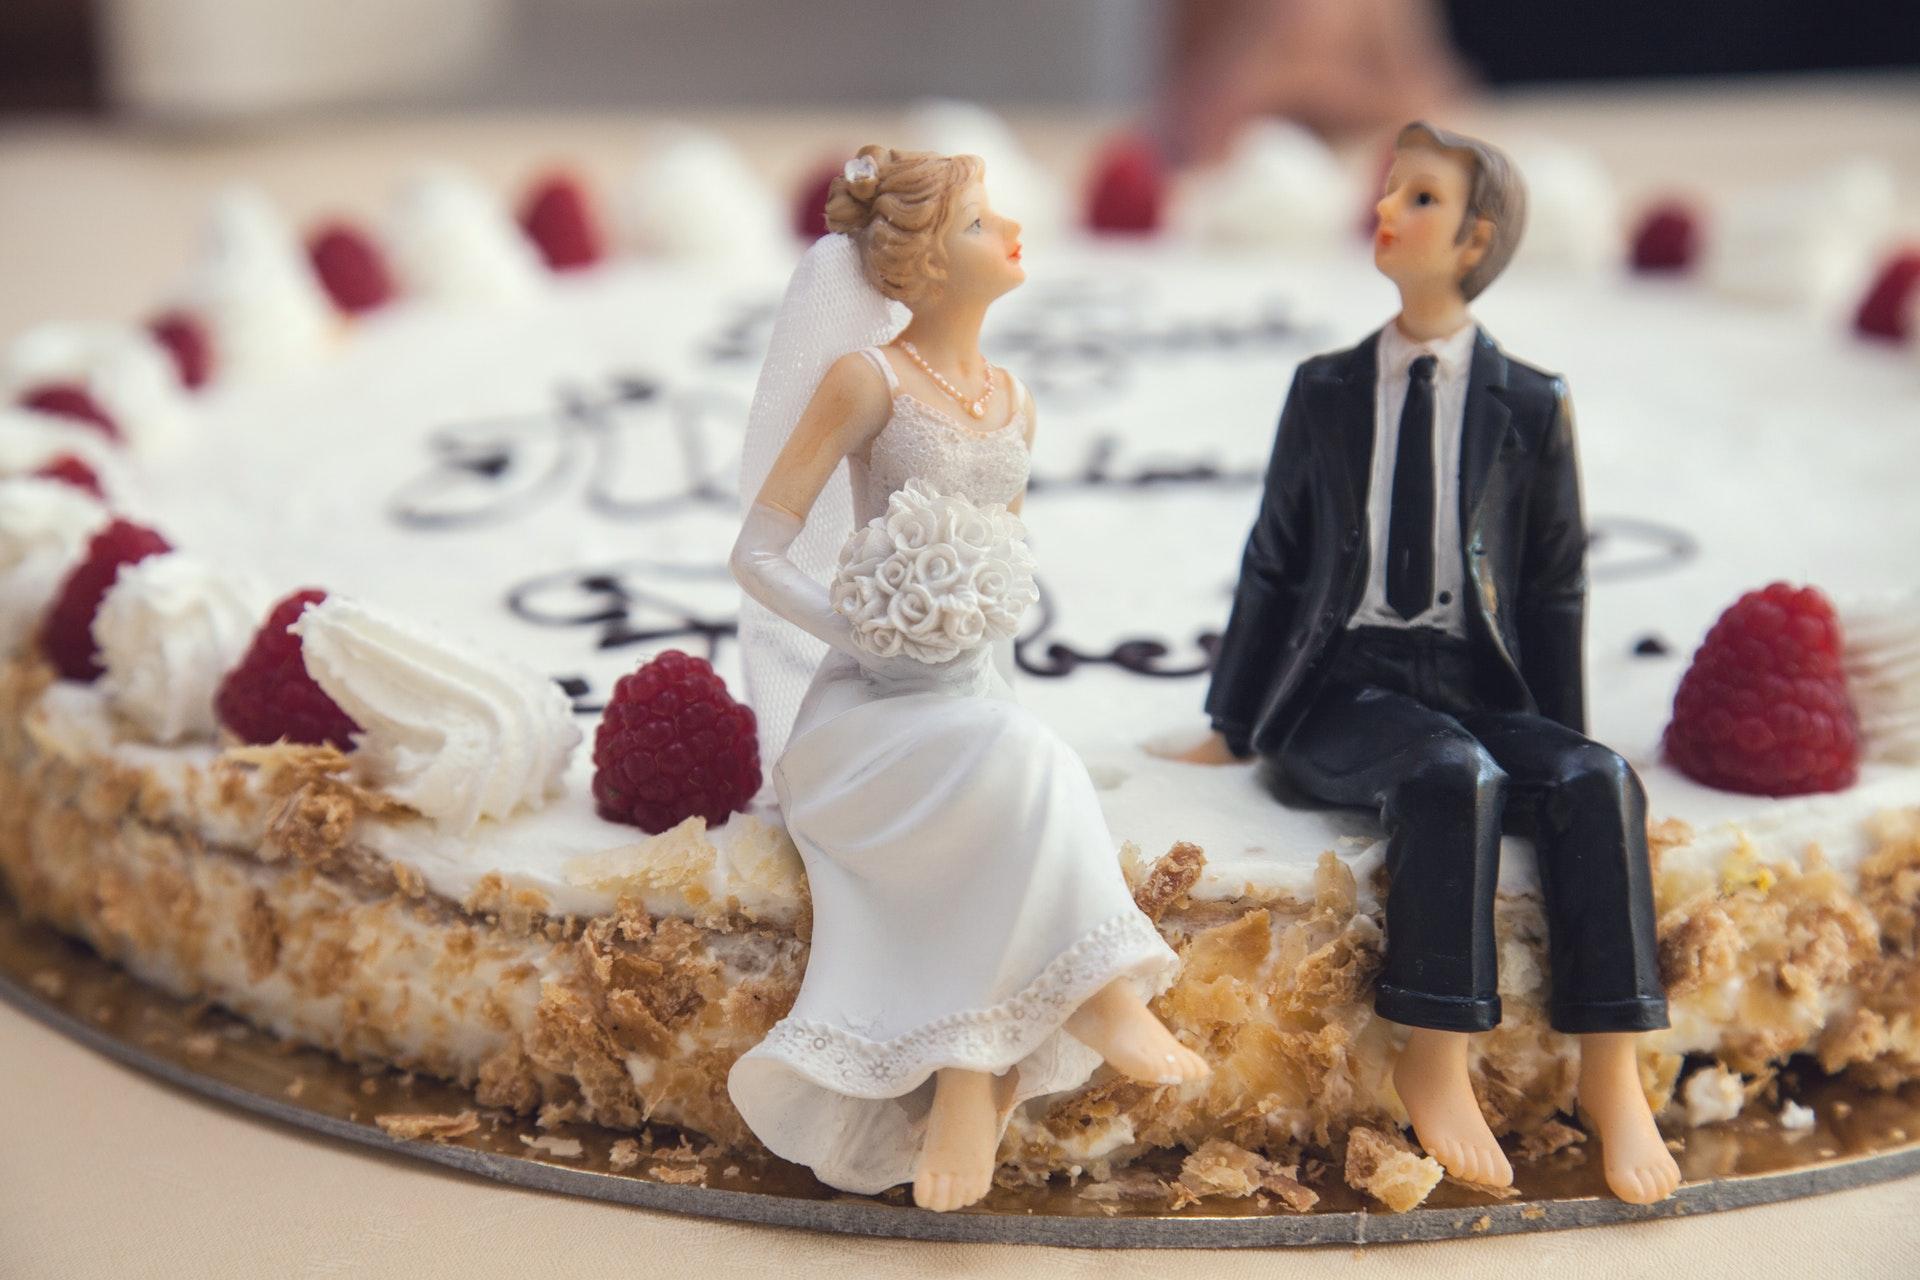 ケーキの上に結婚する男女の人形